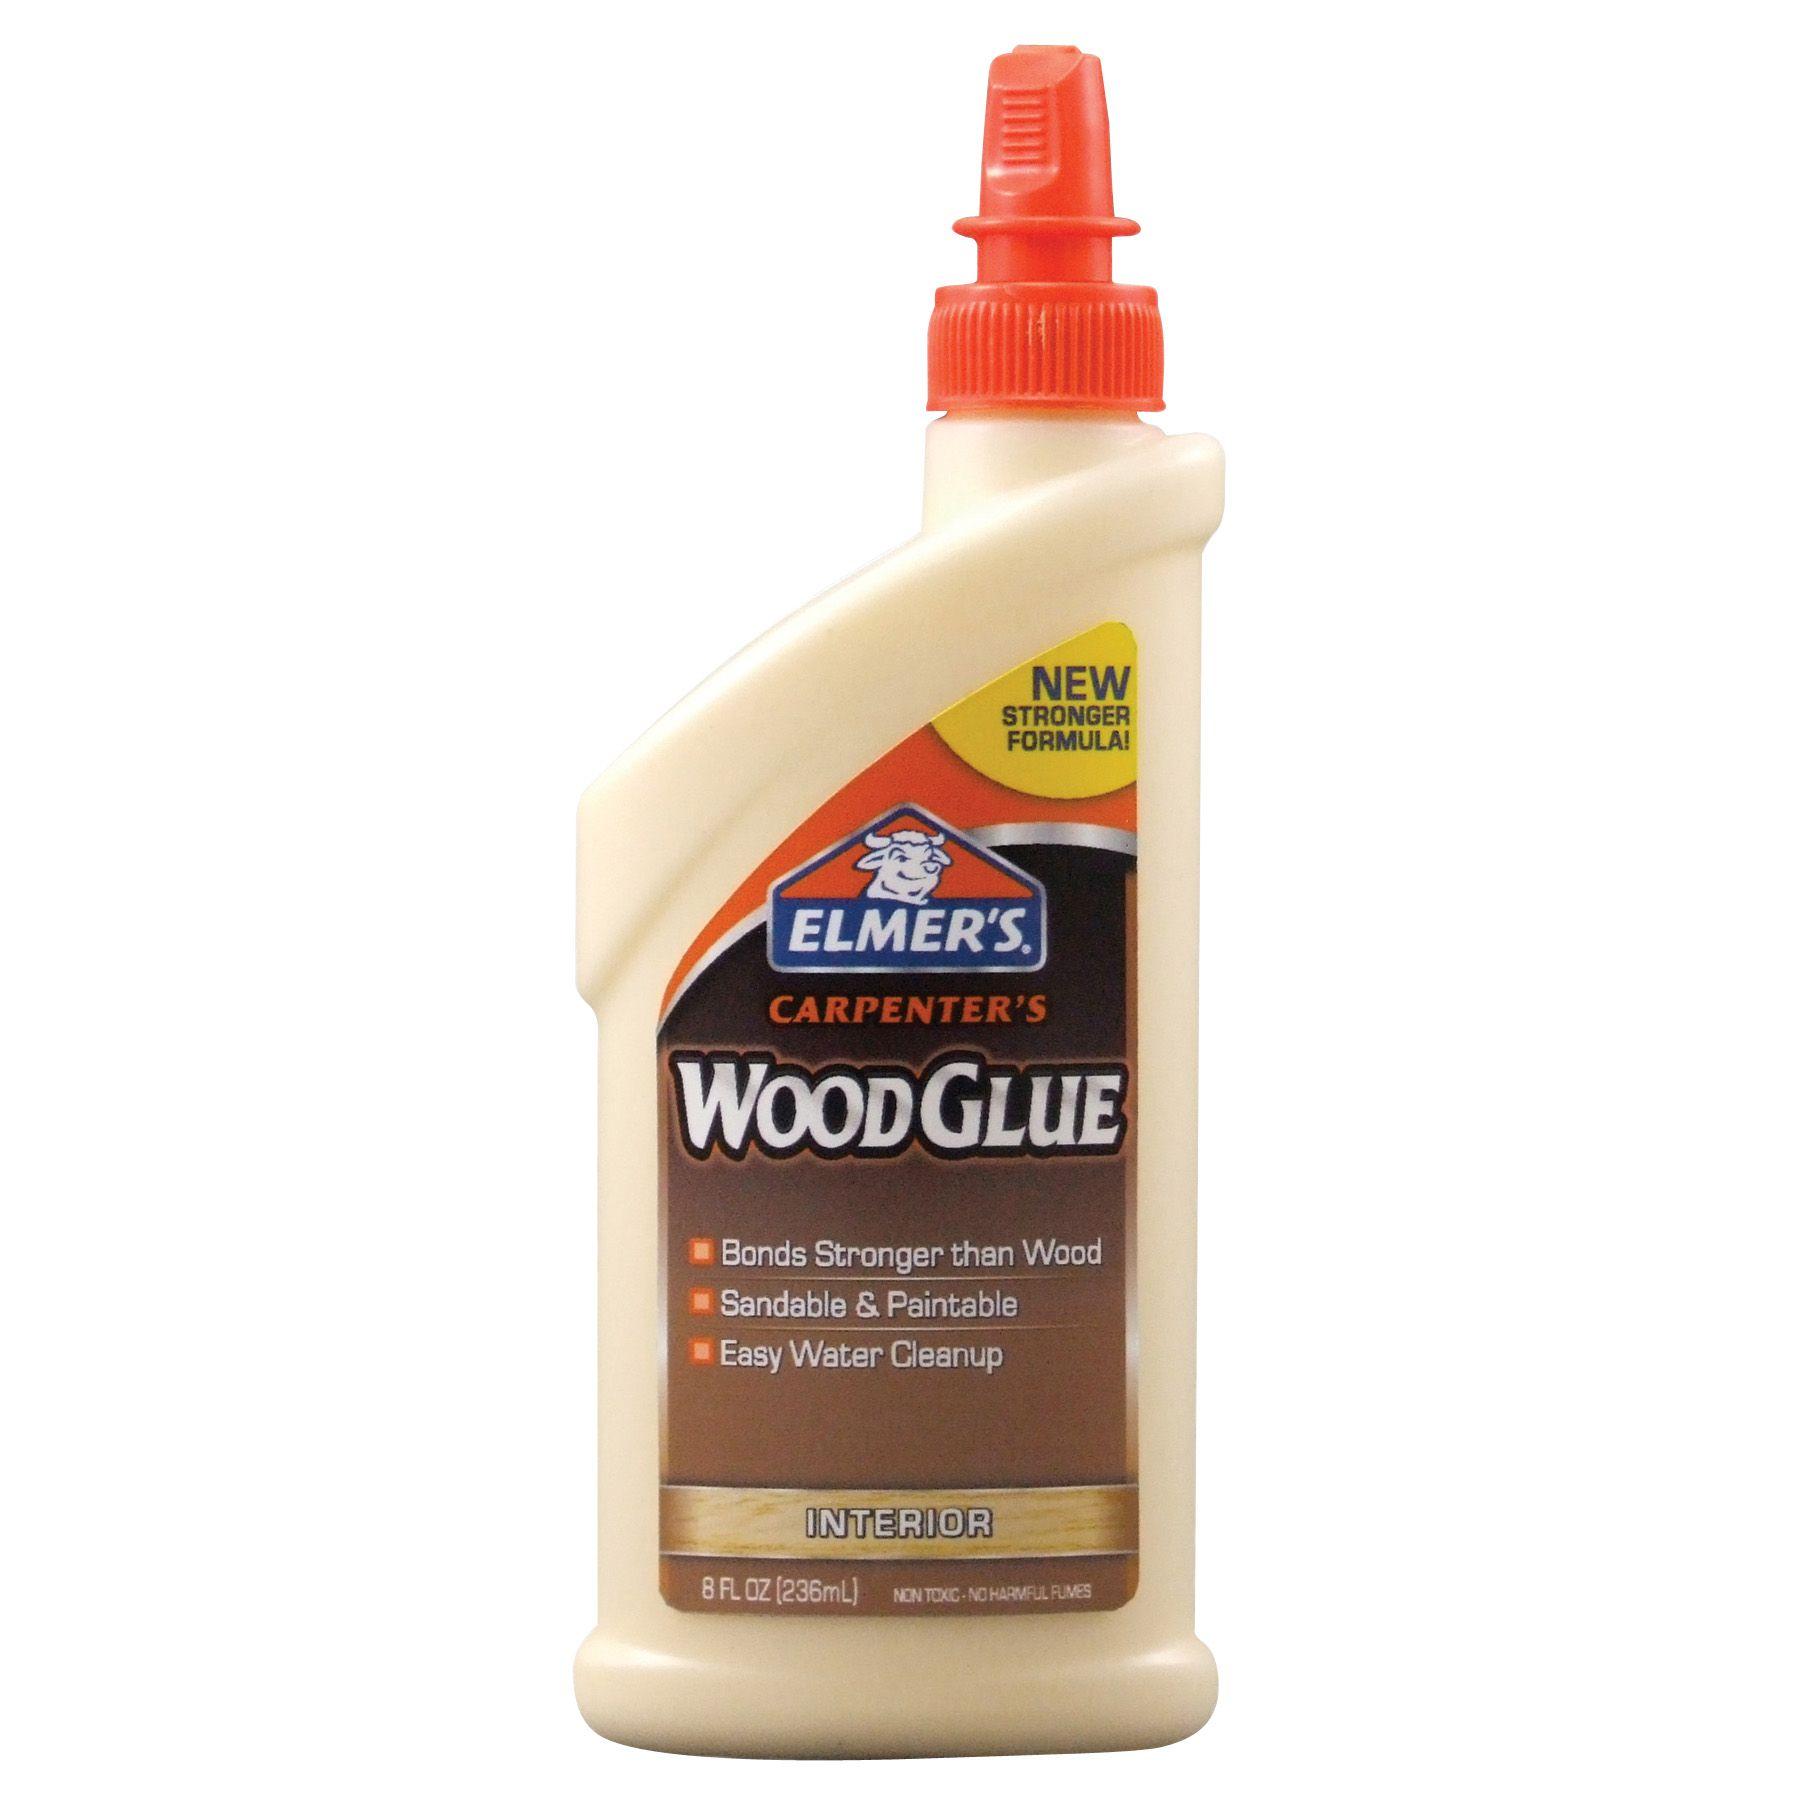 An 8 oz bottle of Elmer's wood glue